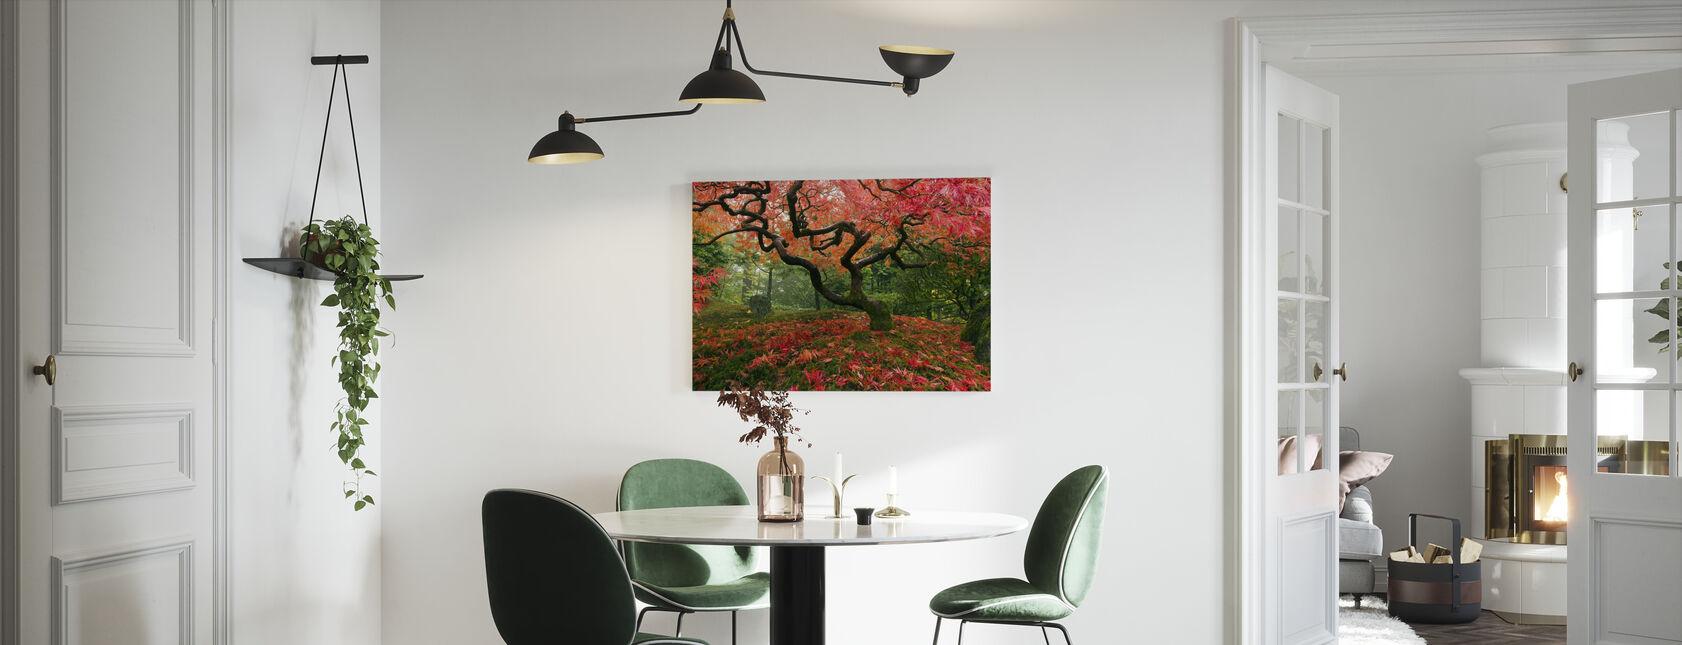 Japanilainen vaahtera Tree - Canvastaulu - Keittiö